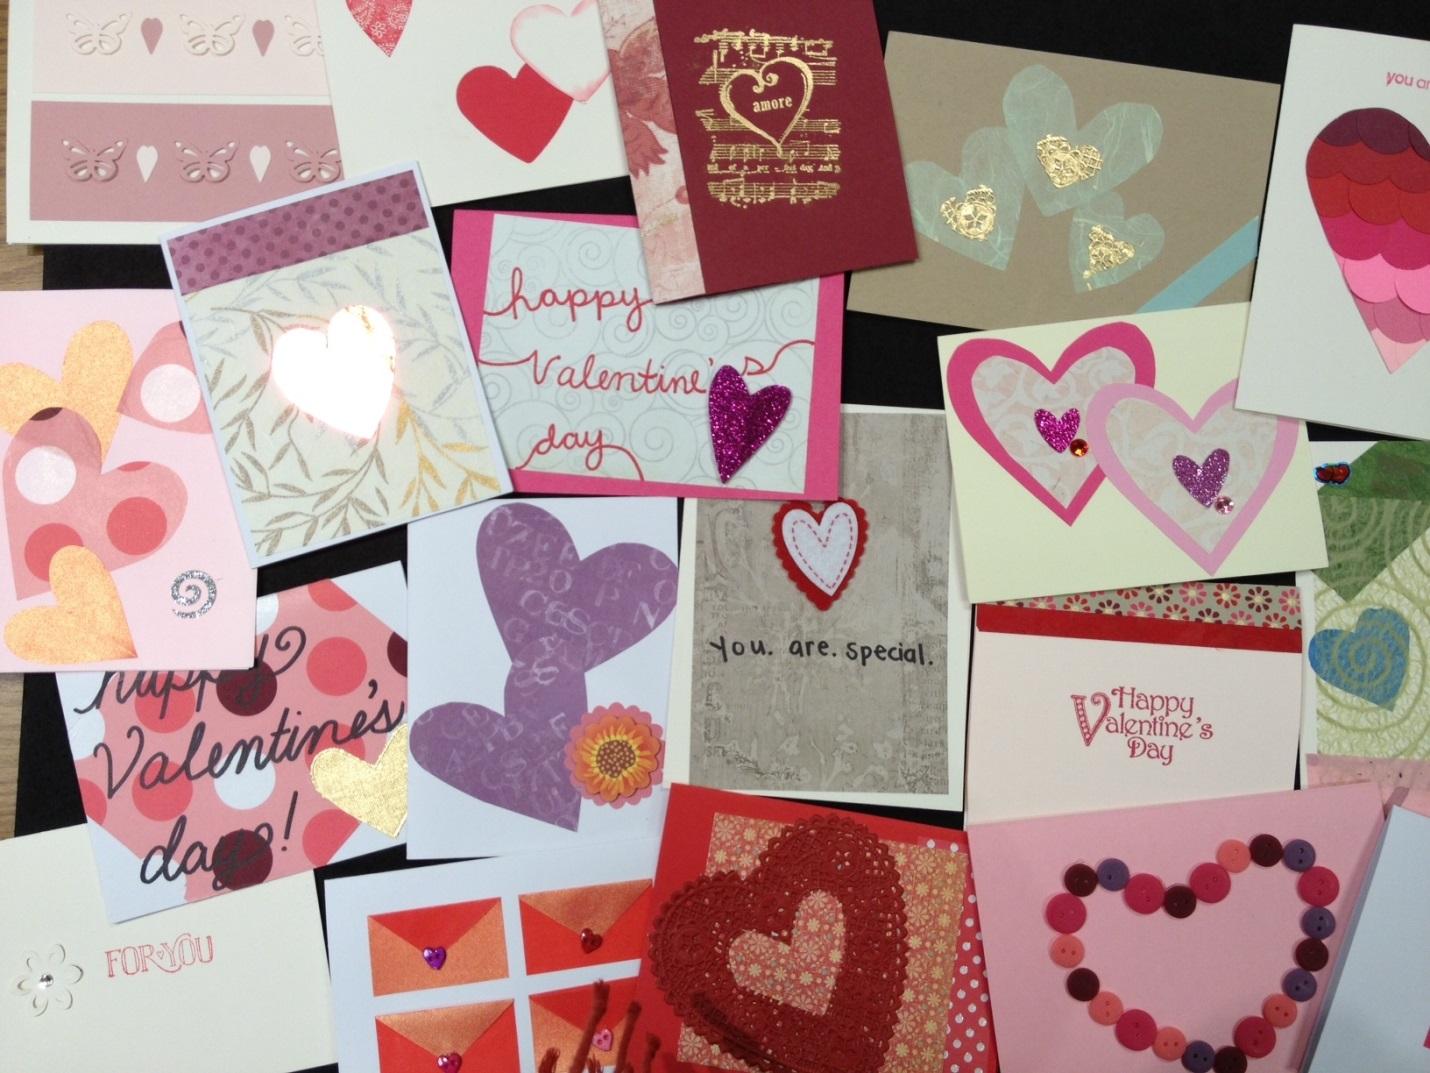 UWMC Valentine